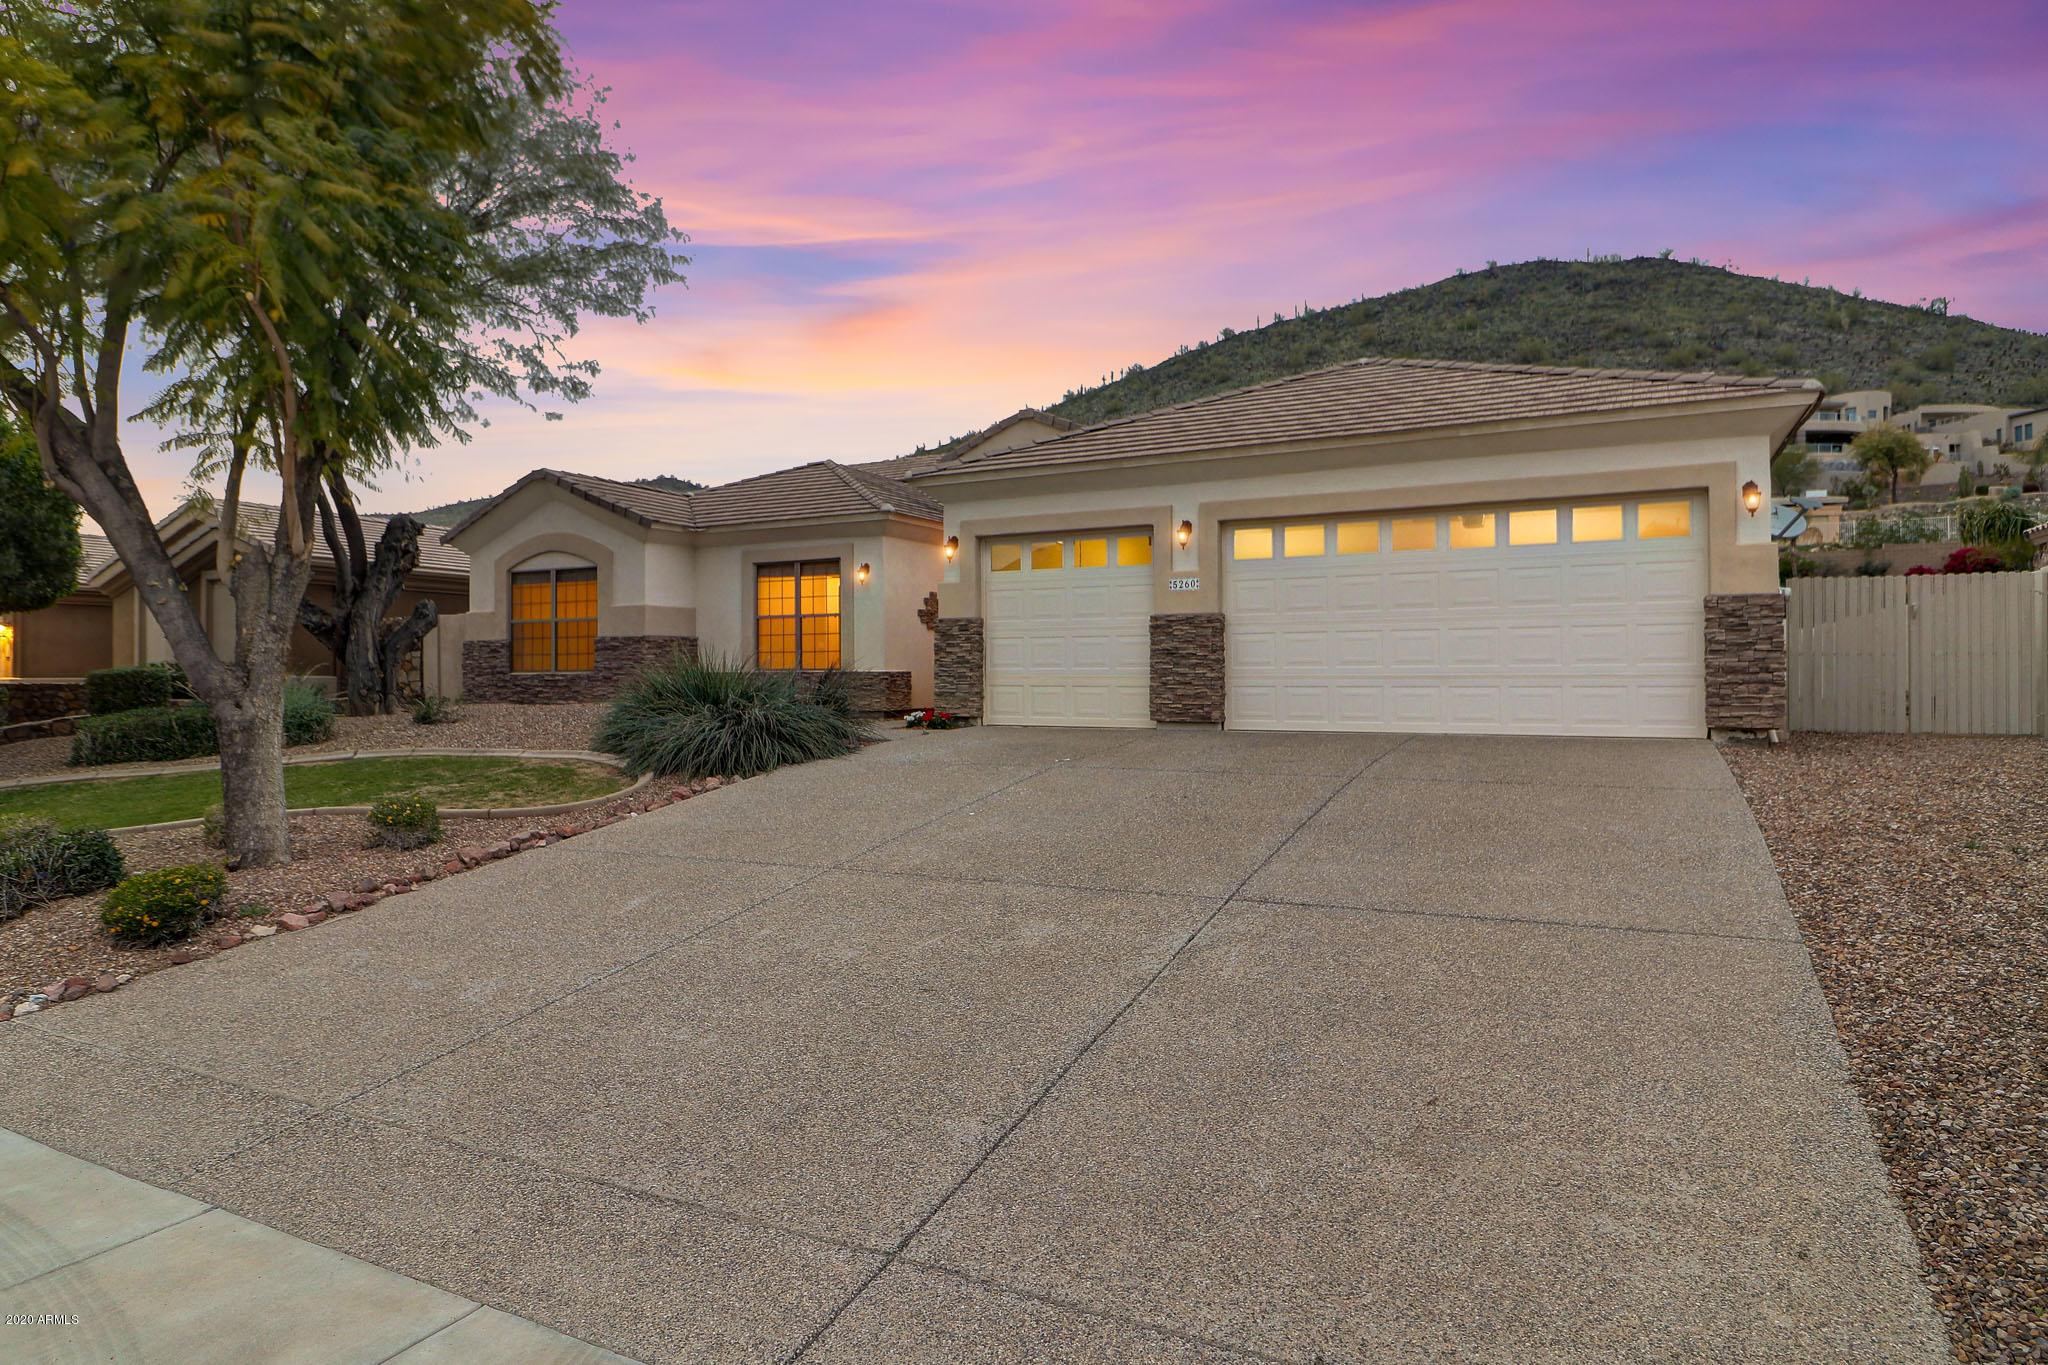 Photo of 5260 W MELINDA Lane, Glendale, AZ 85308